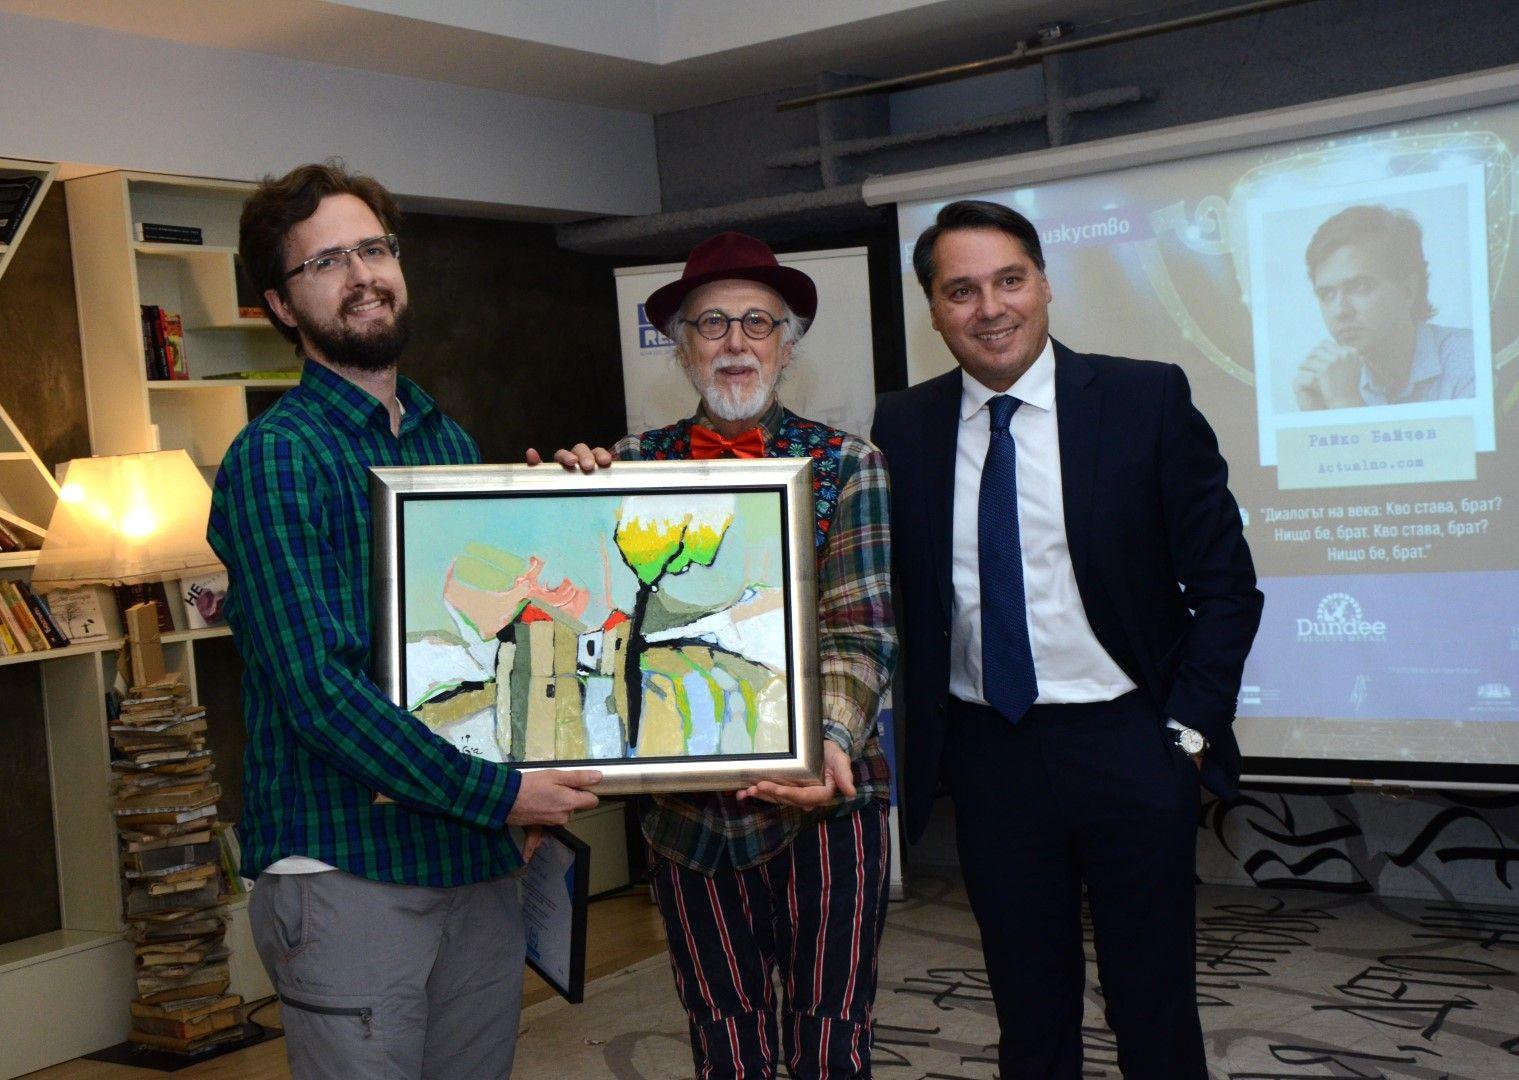 Райко Байчев, големият ни художник Иван Яхнаджиев и Борислав Велков, председател на Съвета на директорите на НДК (от ляво на дясно)